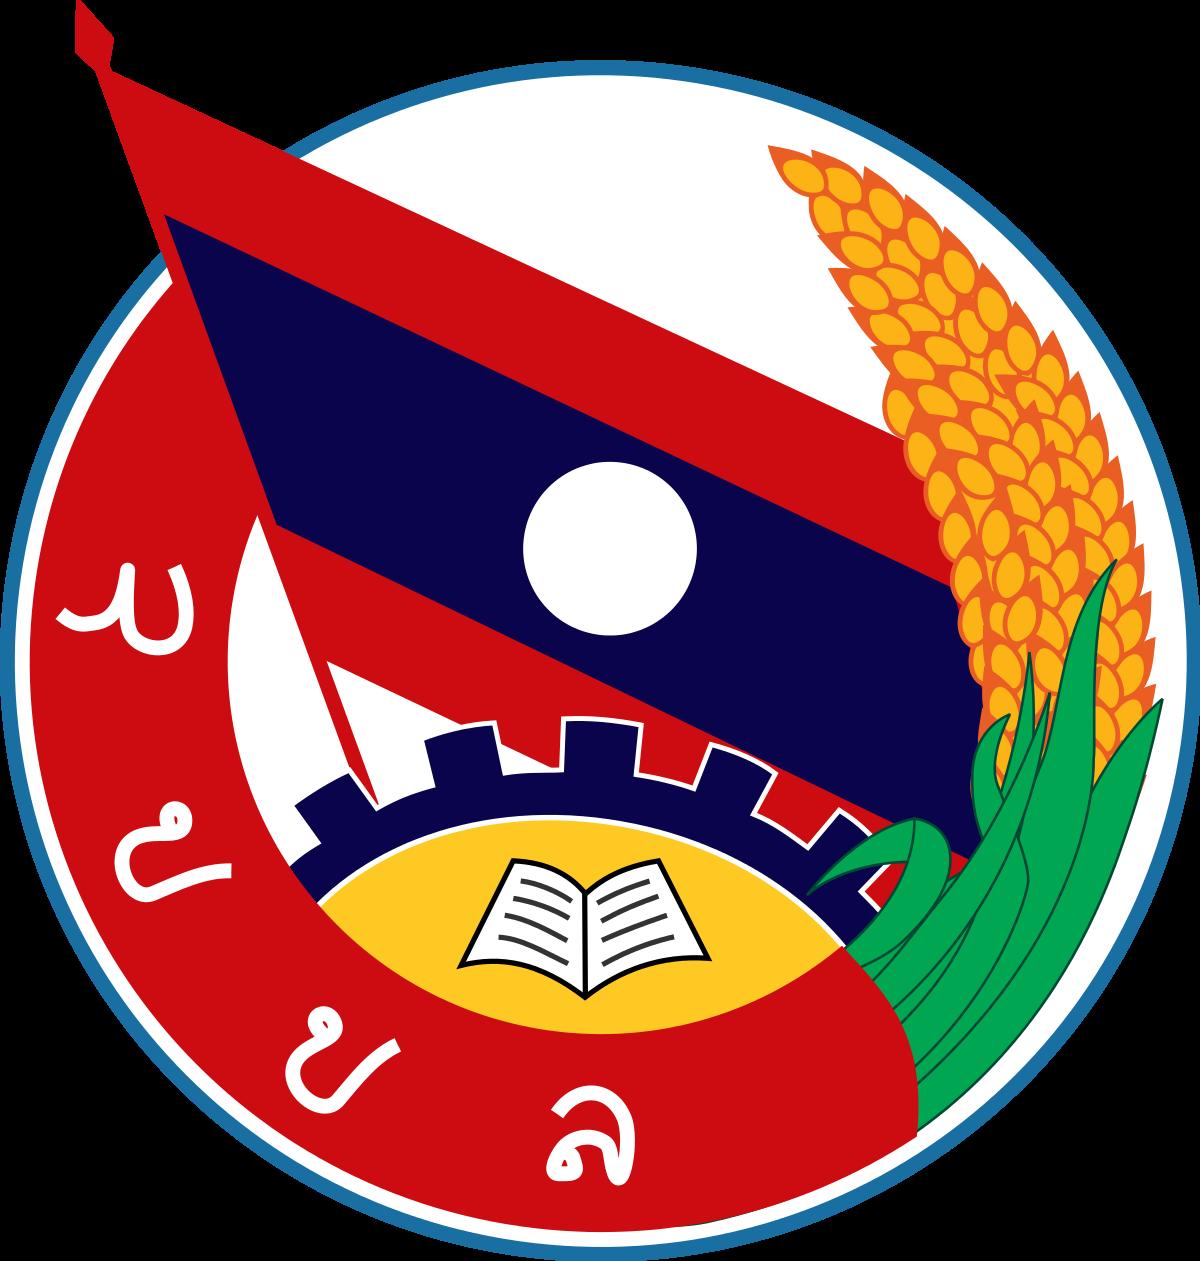 Mẫu logo đoàn thanh niên Lào